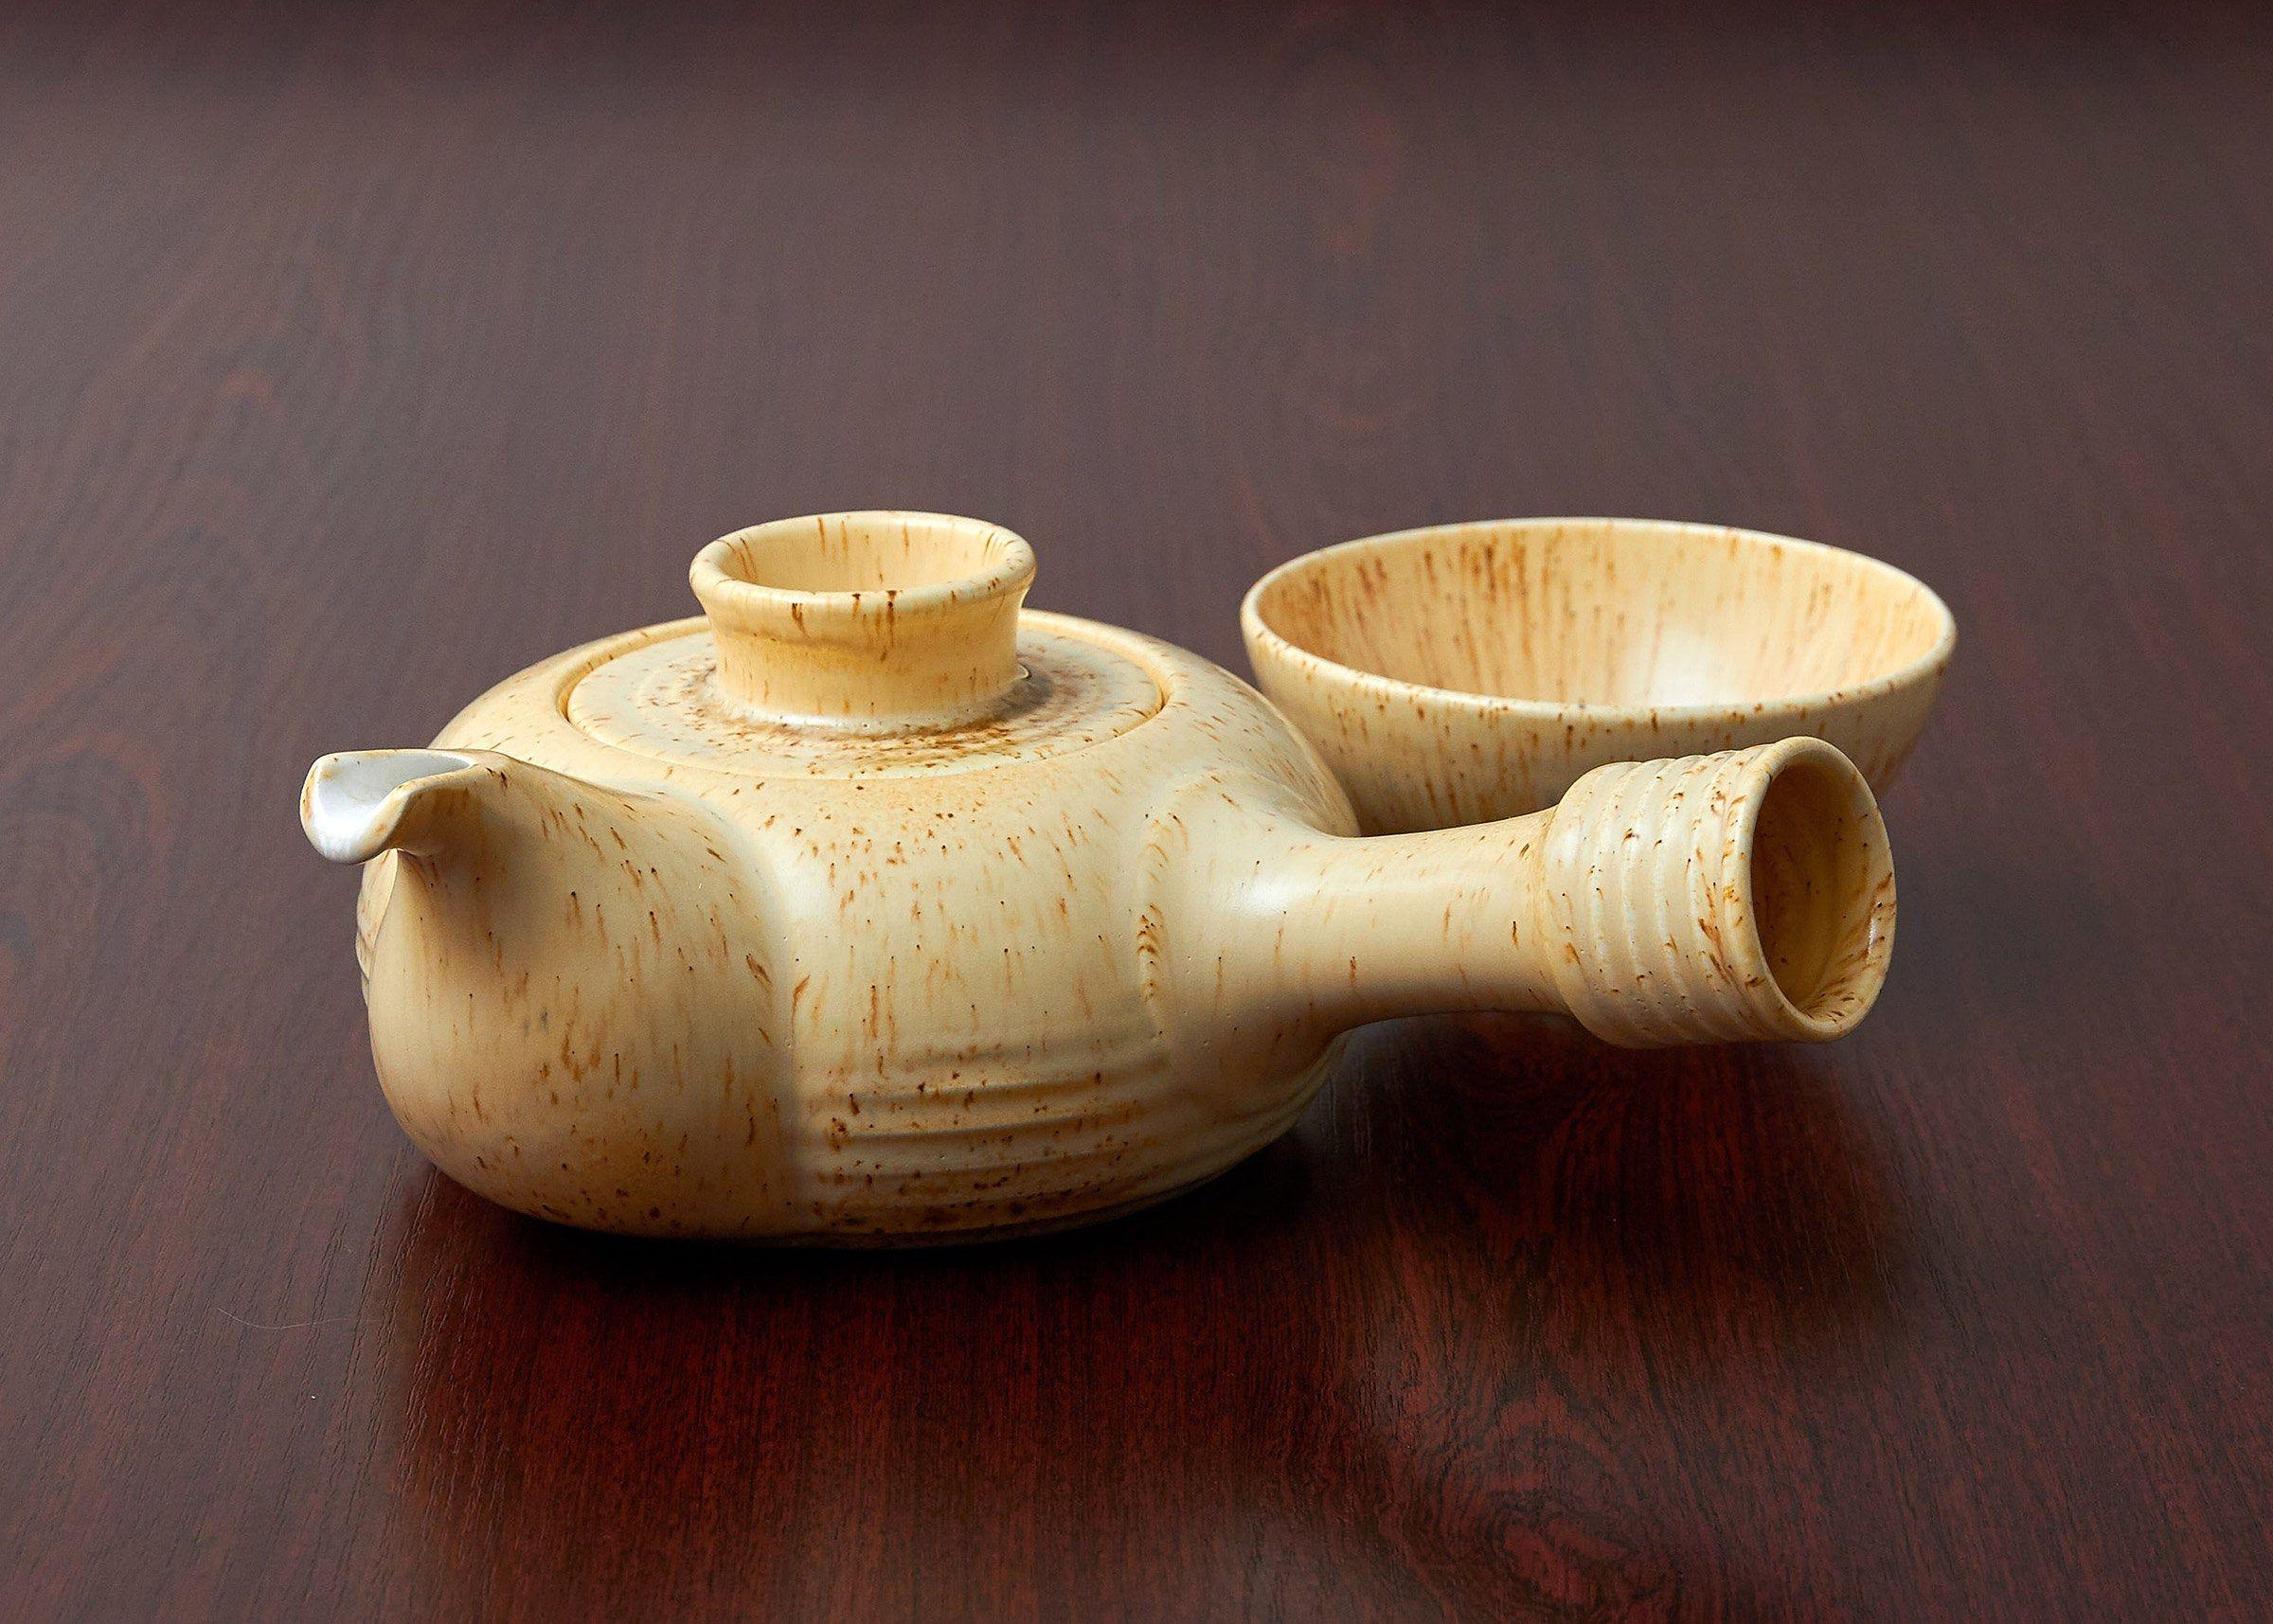 Teapot With Cup Teapot Set Pottery Teapot And Cups Handmade Teapot Tea Pot Set Stoneware Teapot Ceramic Handmade Teapot Stoneware Teapot Pottery Teapots